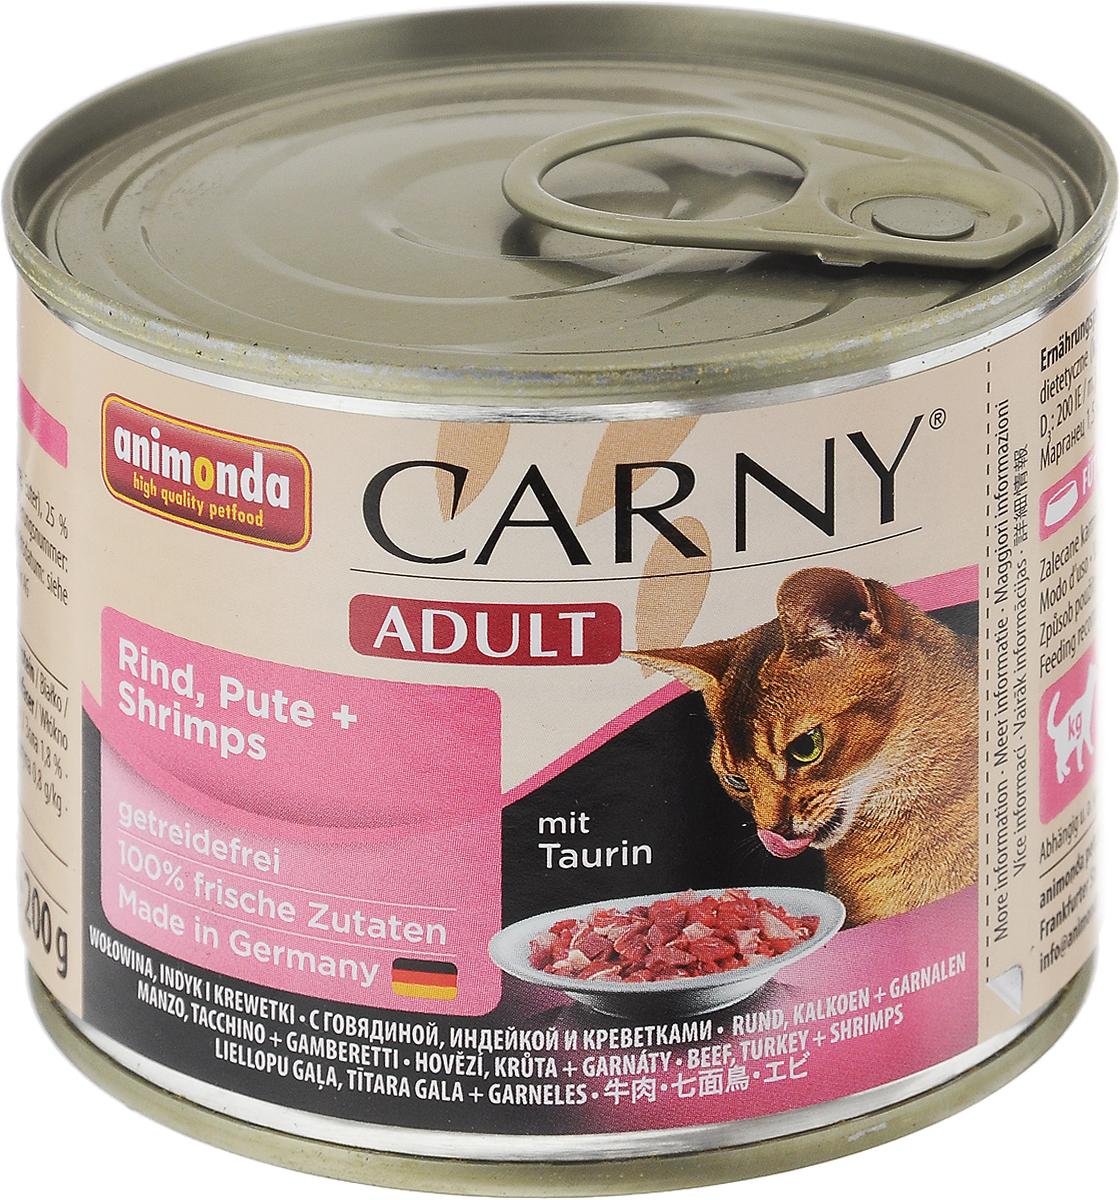 Консервы Animonda Carny для взрослых кошек, с говядиной, индейкой и креветками, 200 г47150Кошки не могут получать все необходимые питательные вещества только из растительных ингредиентов. Влажные корма Animonda для кошек сделаны с использованием только натуральных мясных ингредиентов. Кроме этого в консервах для кошек содержатся необходимые минералы и витамины. Комплекс витаминов, минералов и микроэлементов позаботится о крепком здоровье, блестящей шерсти и прекрасном пищеварении.Состав: говядина 35% (говядина, сердце, легкие, почки, вымя), бульон 31%, индейка 29% (печень, желудок, сердце), креветки 4%, карбонат кальция.Анализ: белок 11,5%, жир 5%, клетчатка 0,5%, зола 1,4%, влажность 79%.Добавки (на 1 кг продукта): витамин D3 200 МЕ, витамин Е (a-токоферол) 30 мг. Вес: 200 г.Товар сертифицирован.